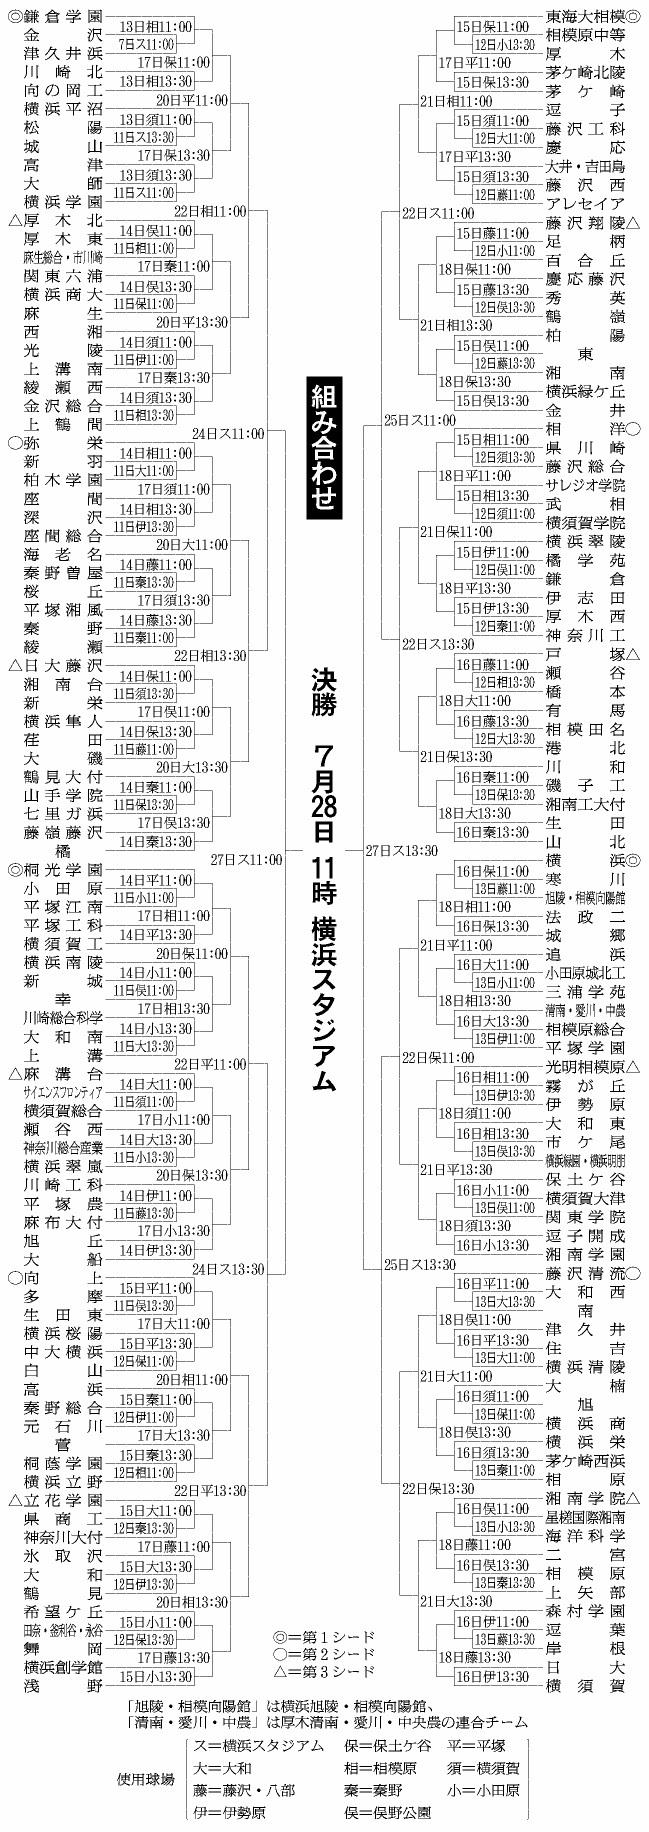 2019夏の神奈川組み合わせ